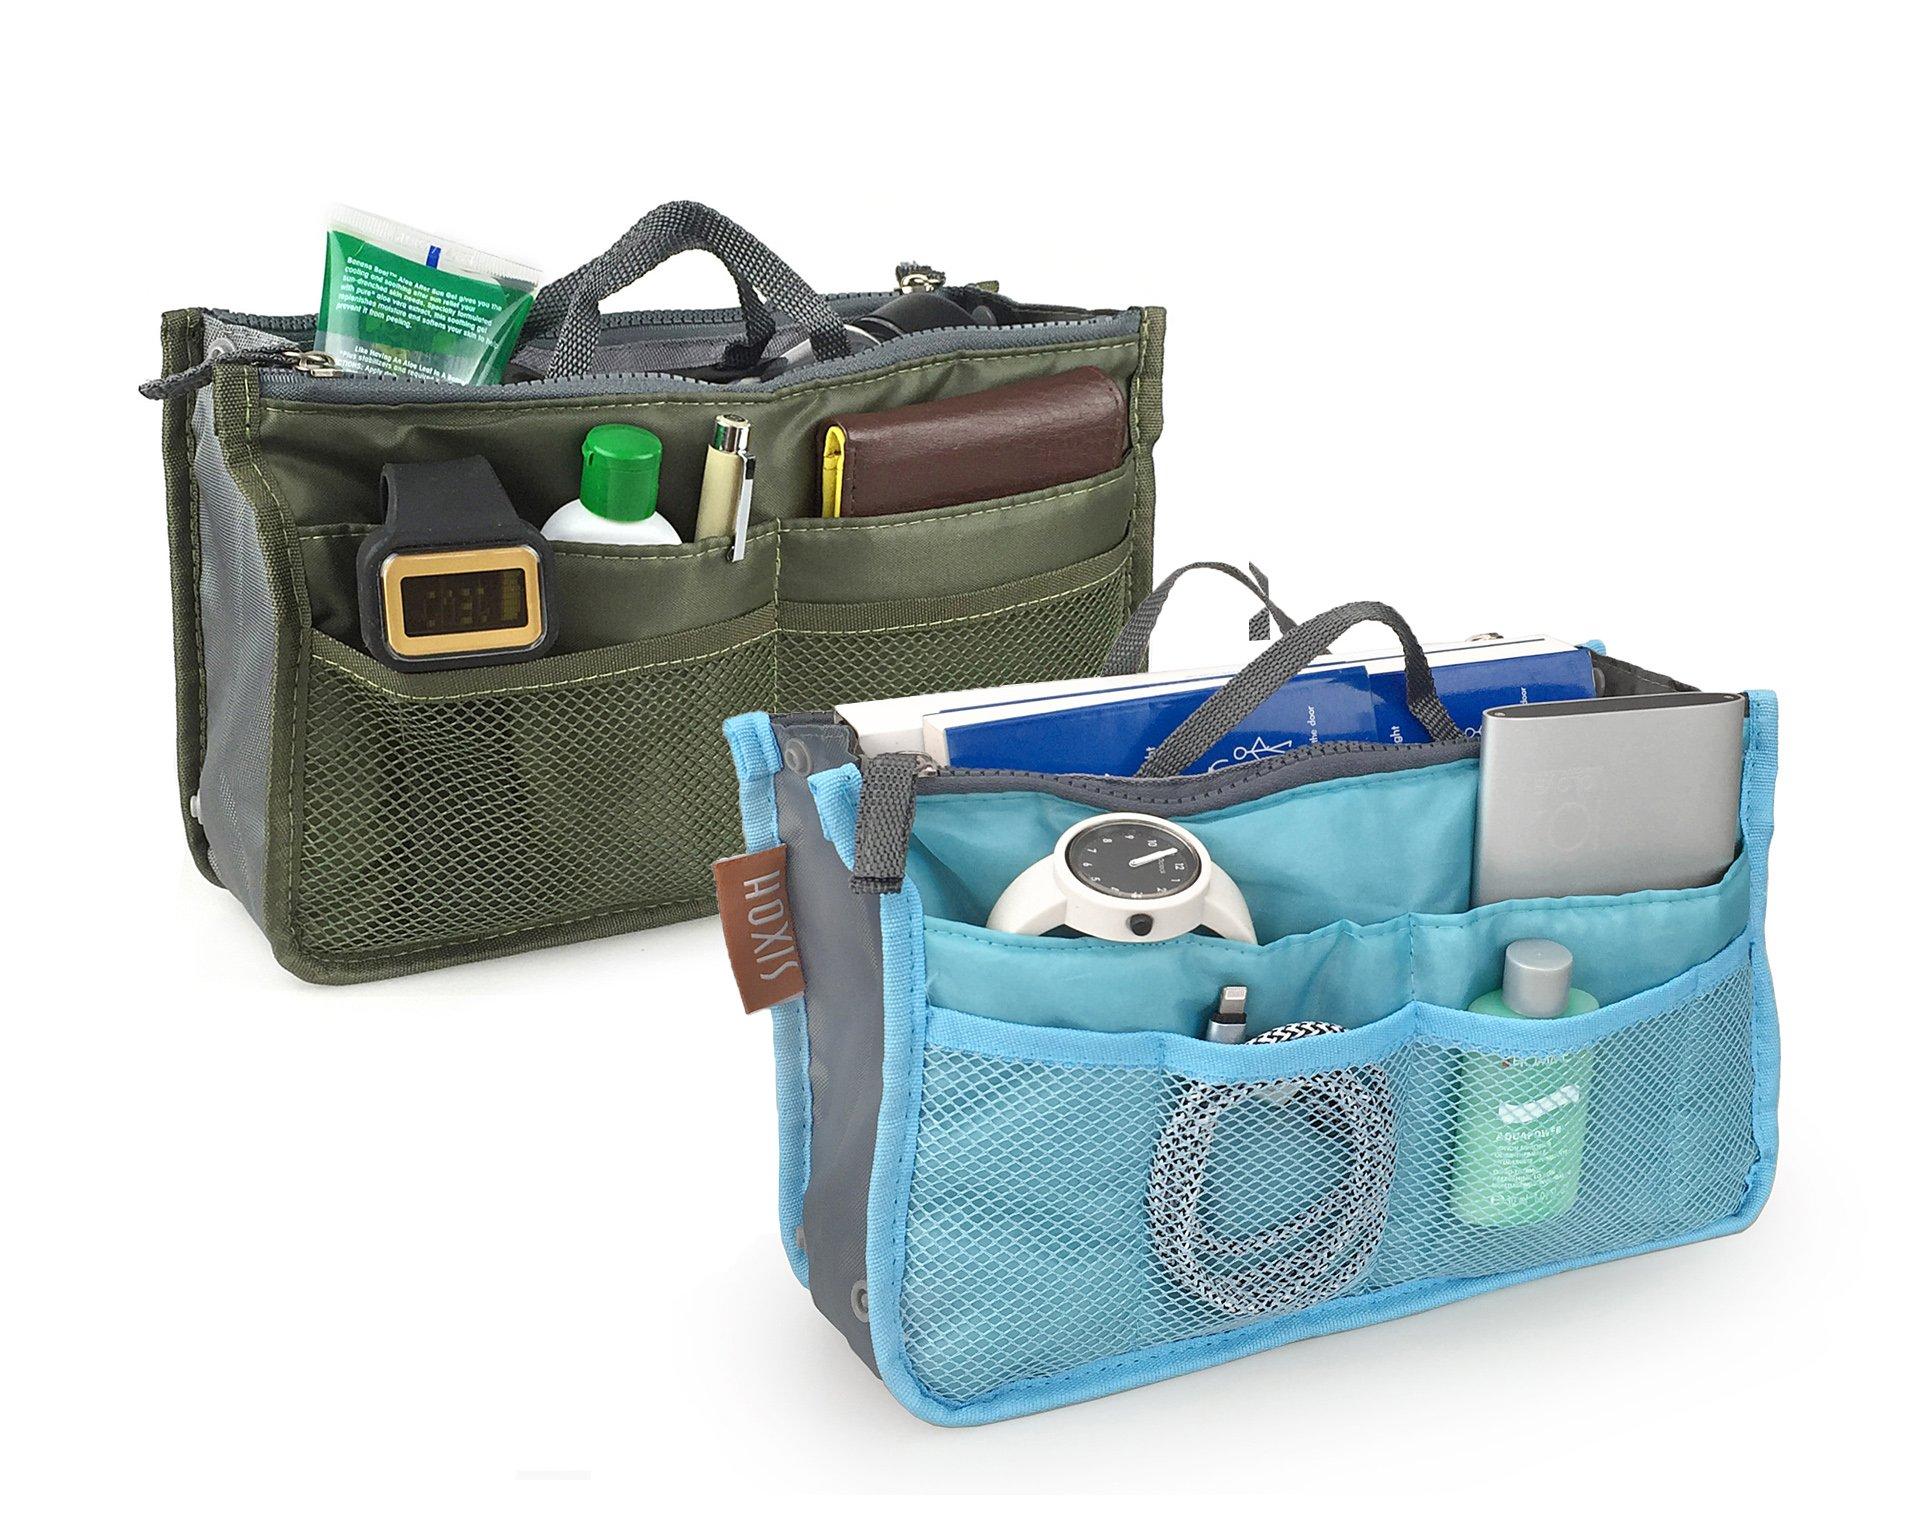 Hoxis Multifunction Travel Insert Handbag Organiser Purse Liner Organizer Pack of 2 (Green&Blue)